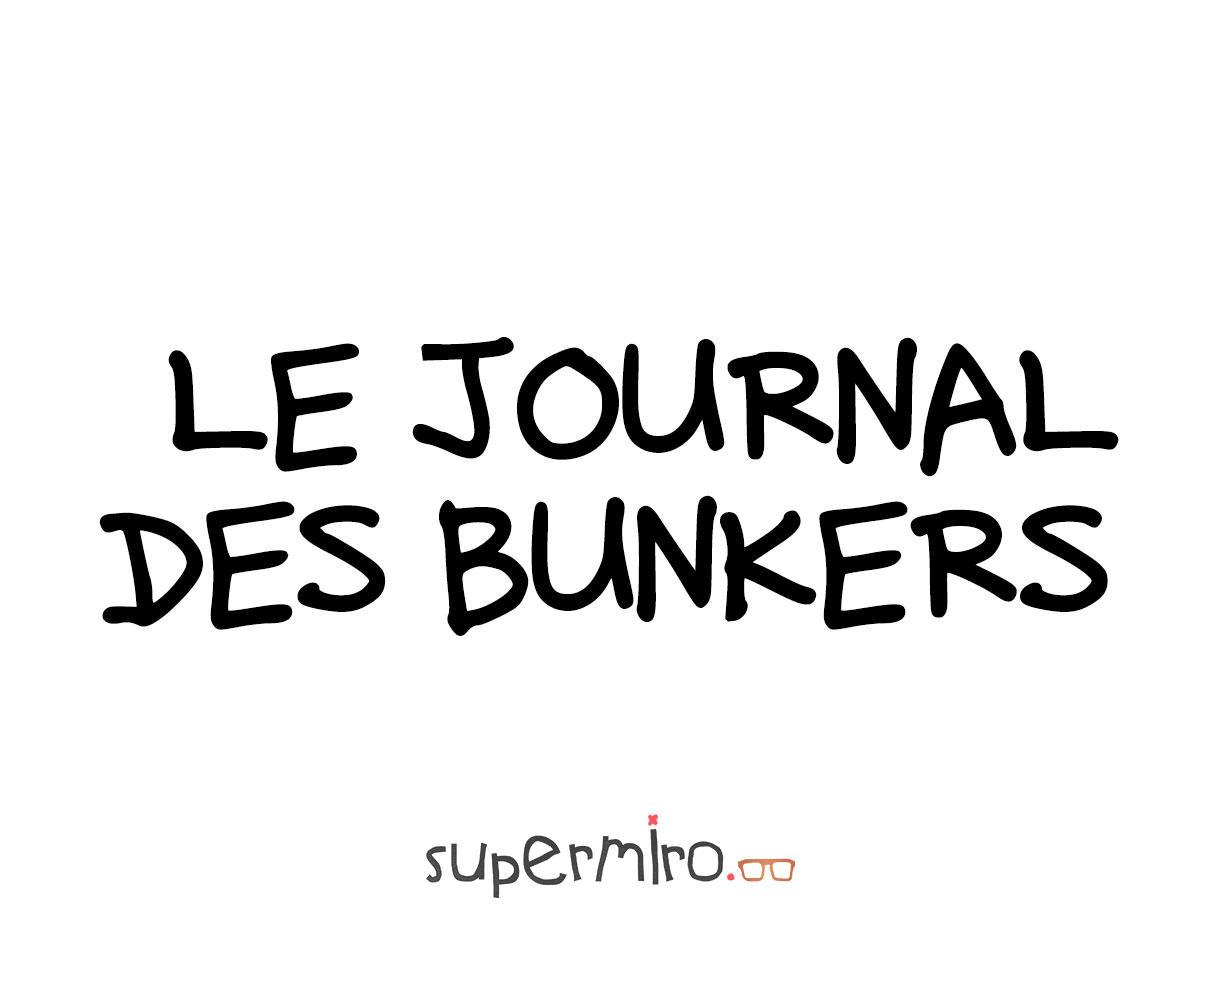 Le Journal des Bunkers